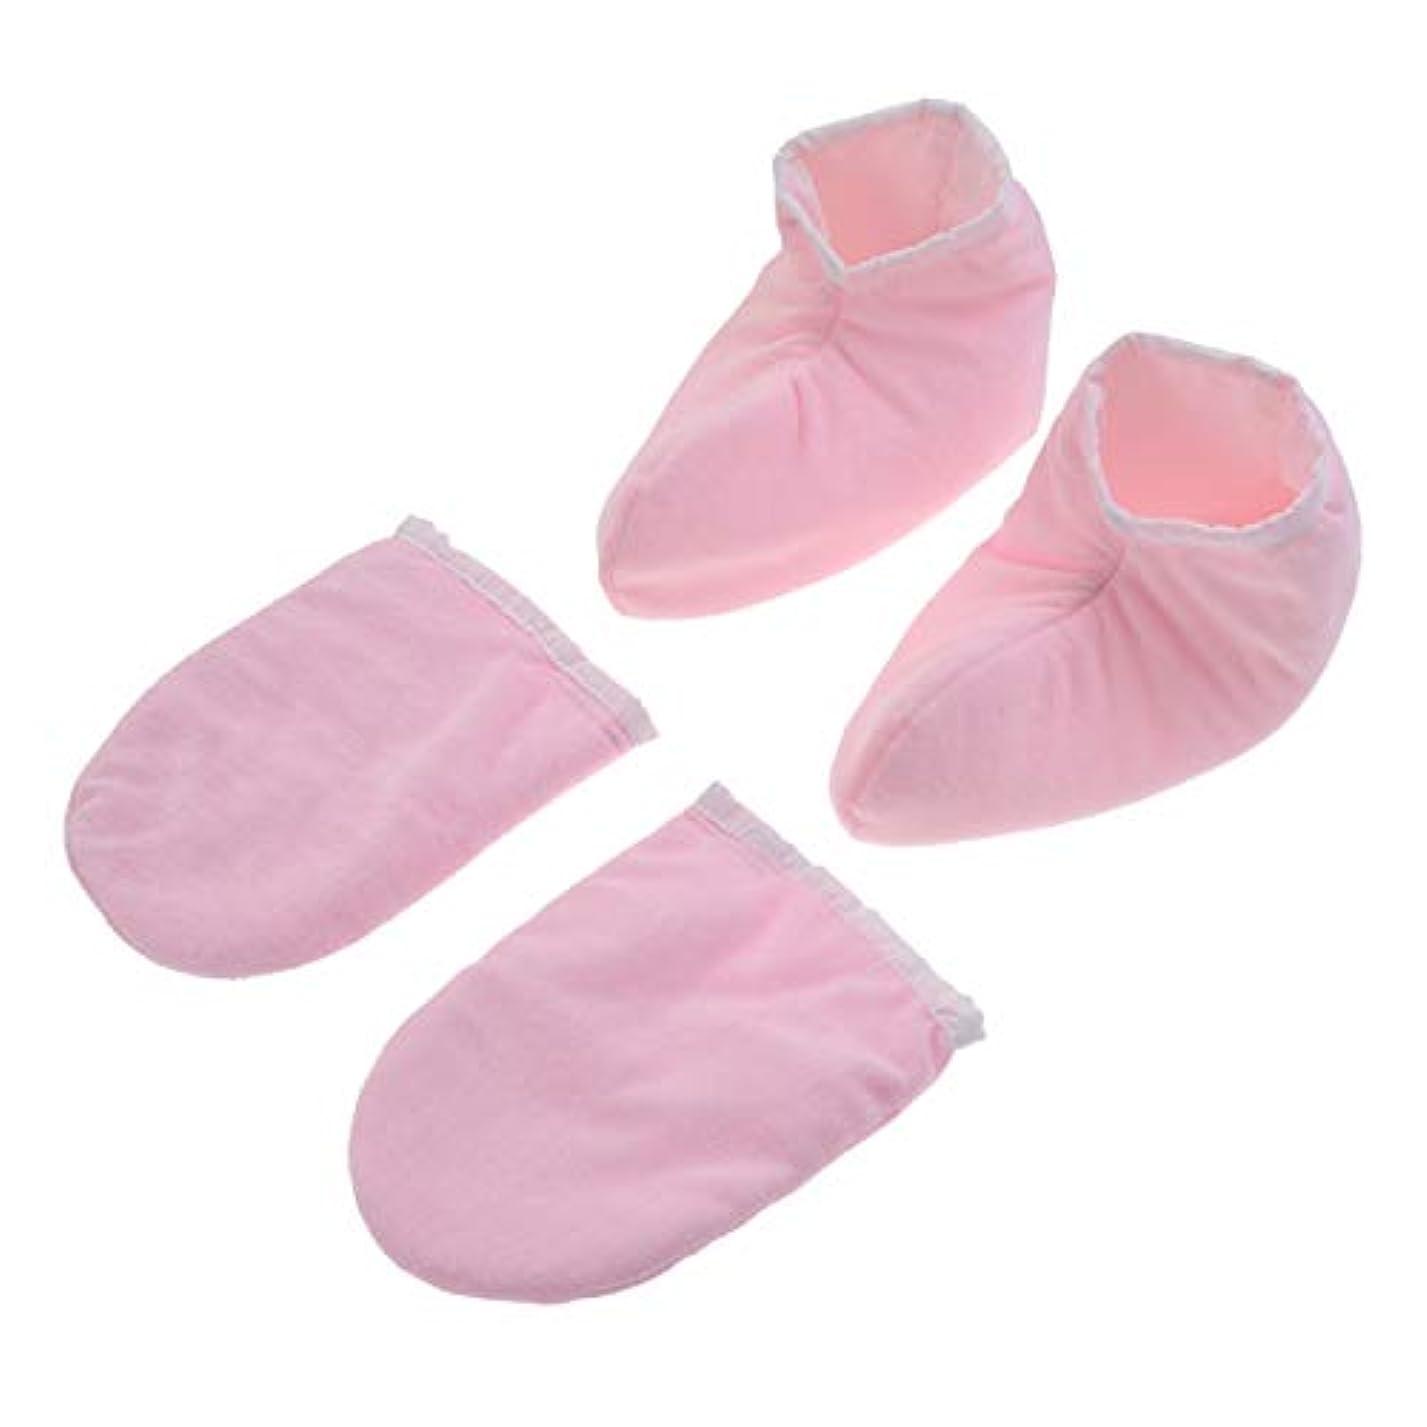 汚染された期限切れ叫ぶLurrose 2ペアパラフィンワックス手袋ハンドフィートトリートメントミットビューティーハンドミットセラピースパミトン女性のための美容(ピンク)